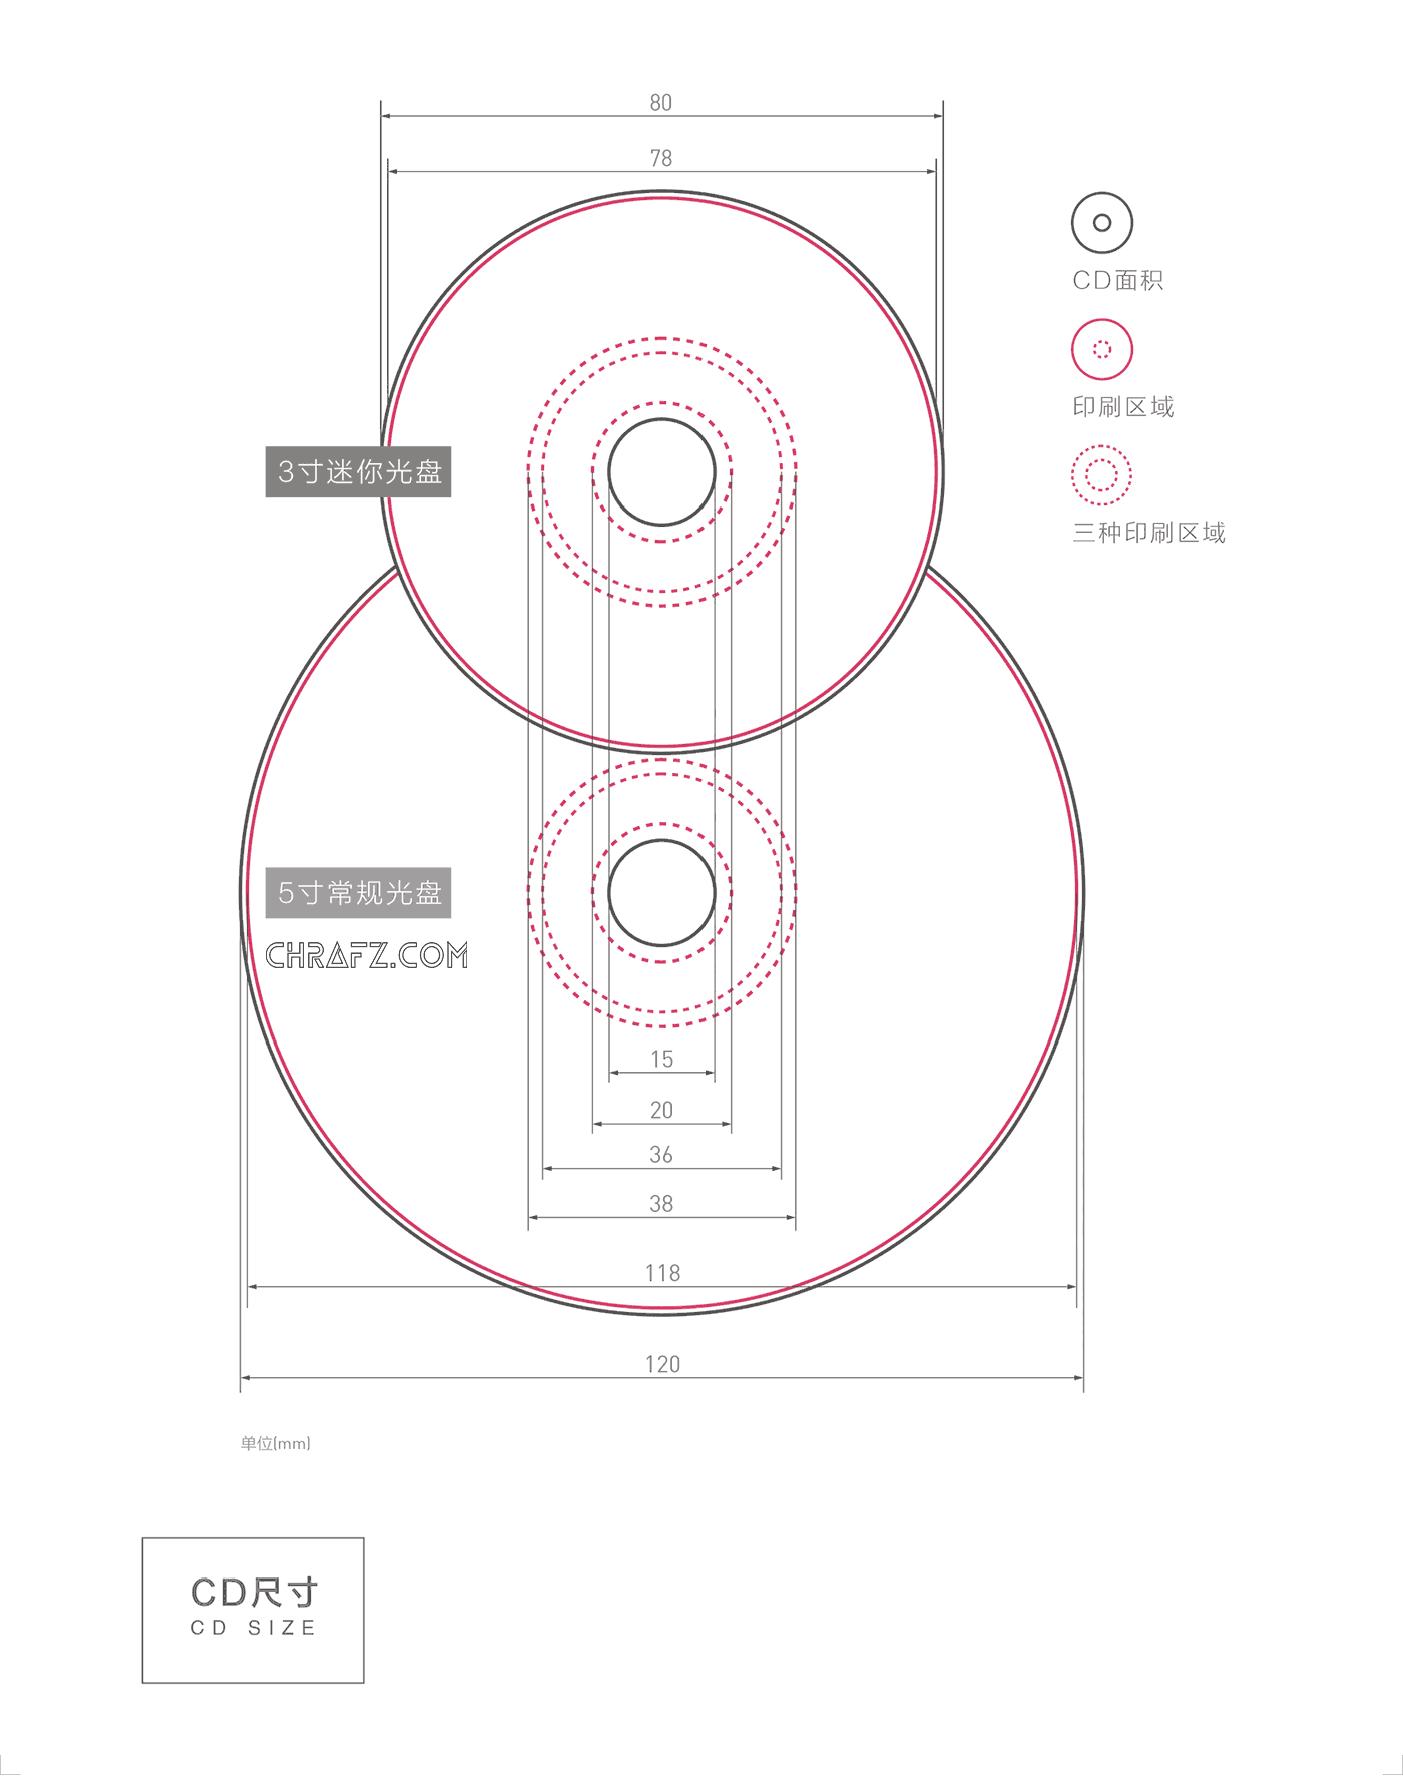 在设计中光盘尺寸的规范-设计